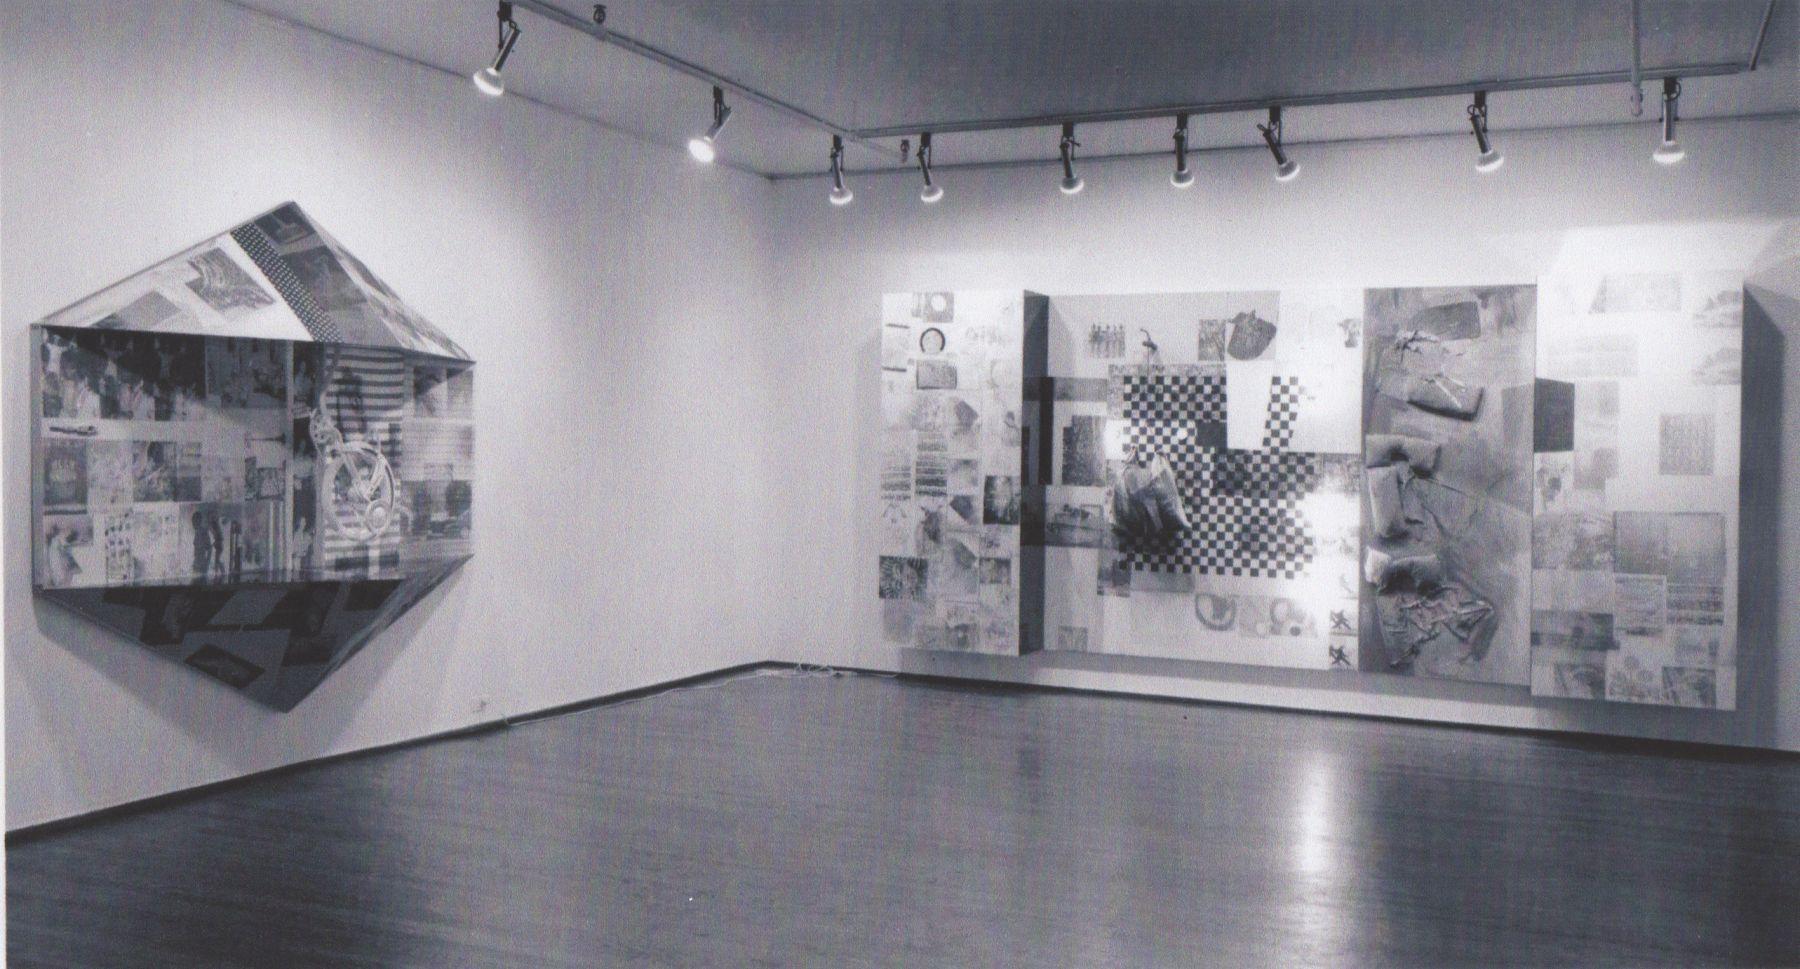 Installation view, Robert Rauschenberg, 420 WEST BROADWAY.